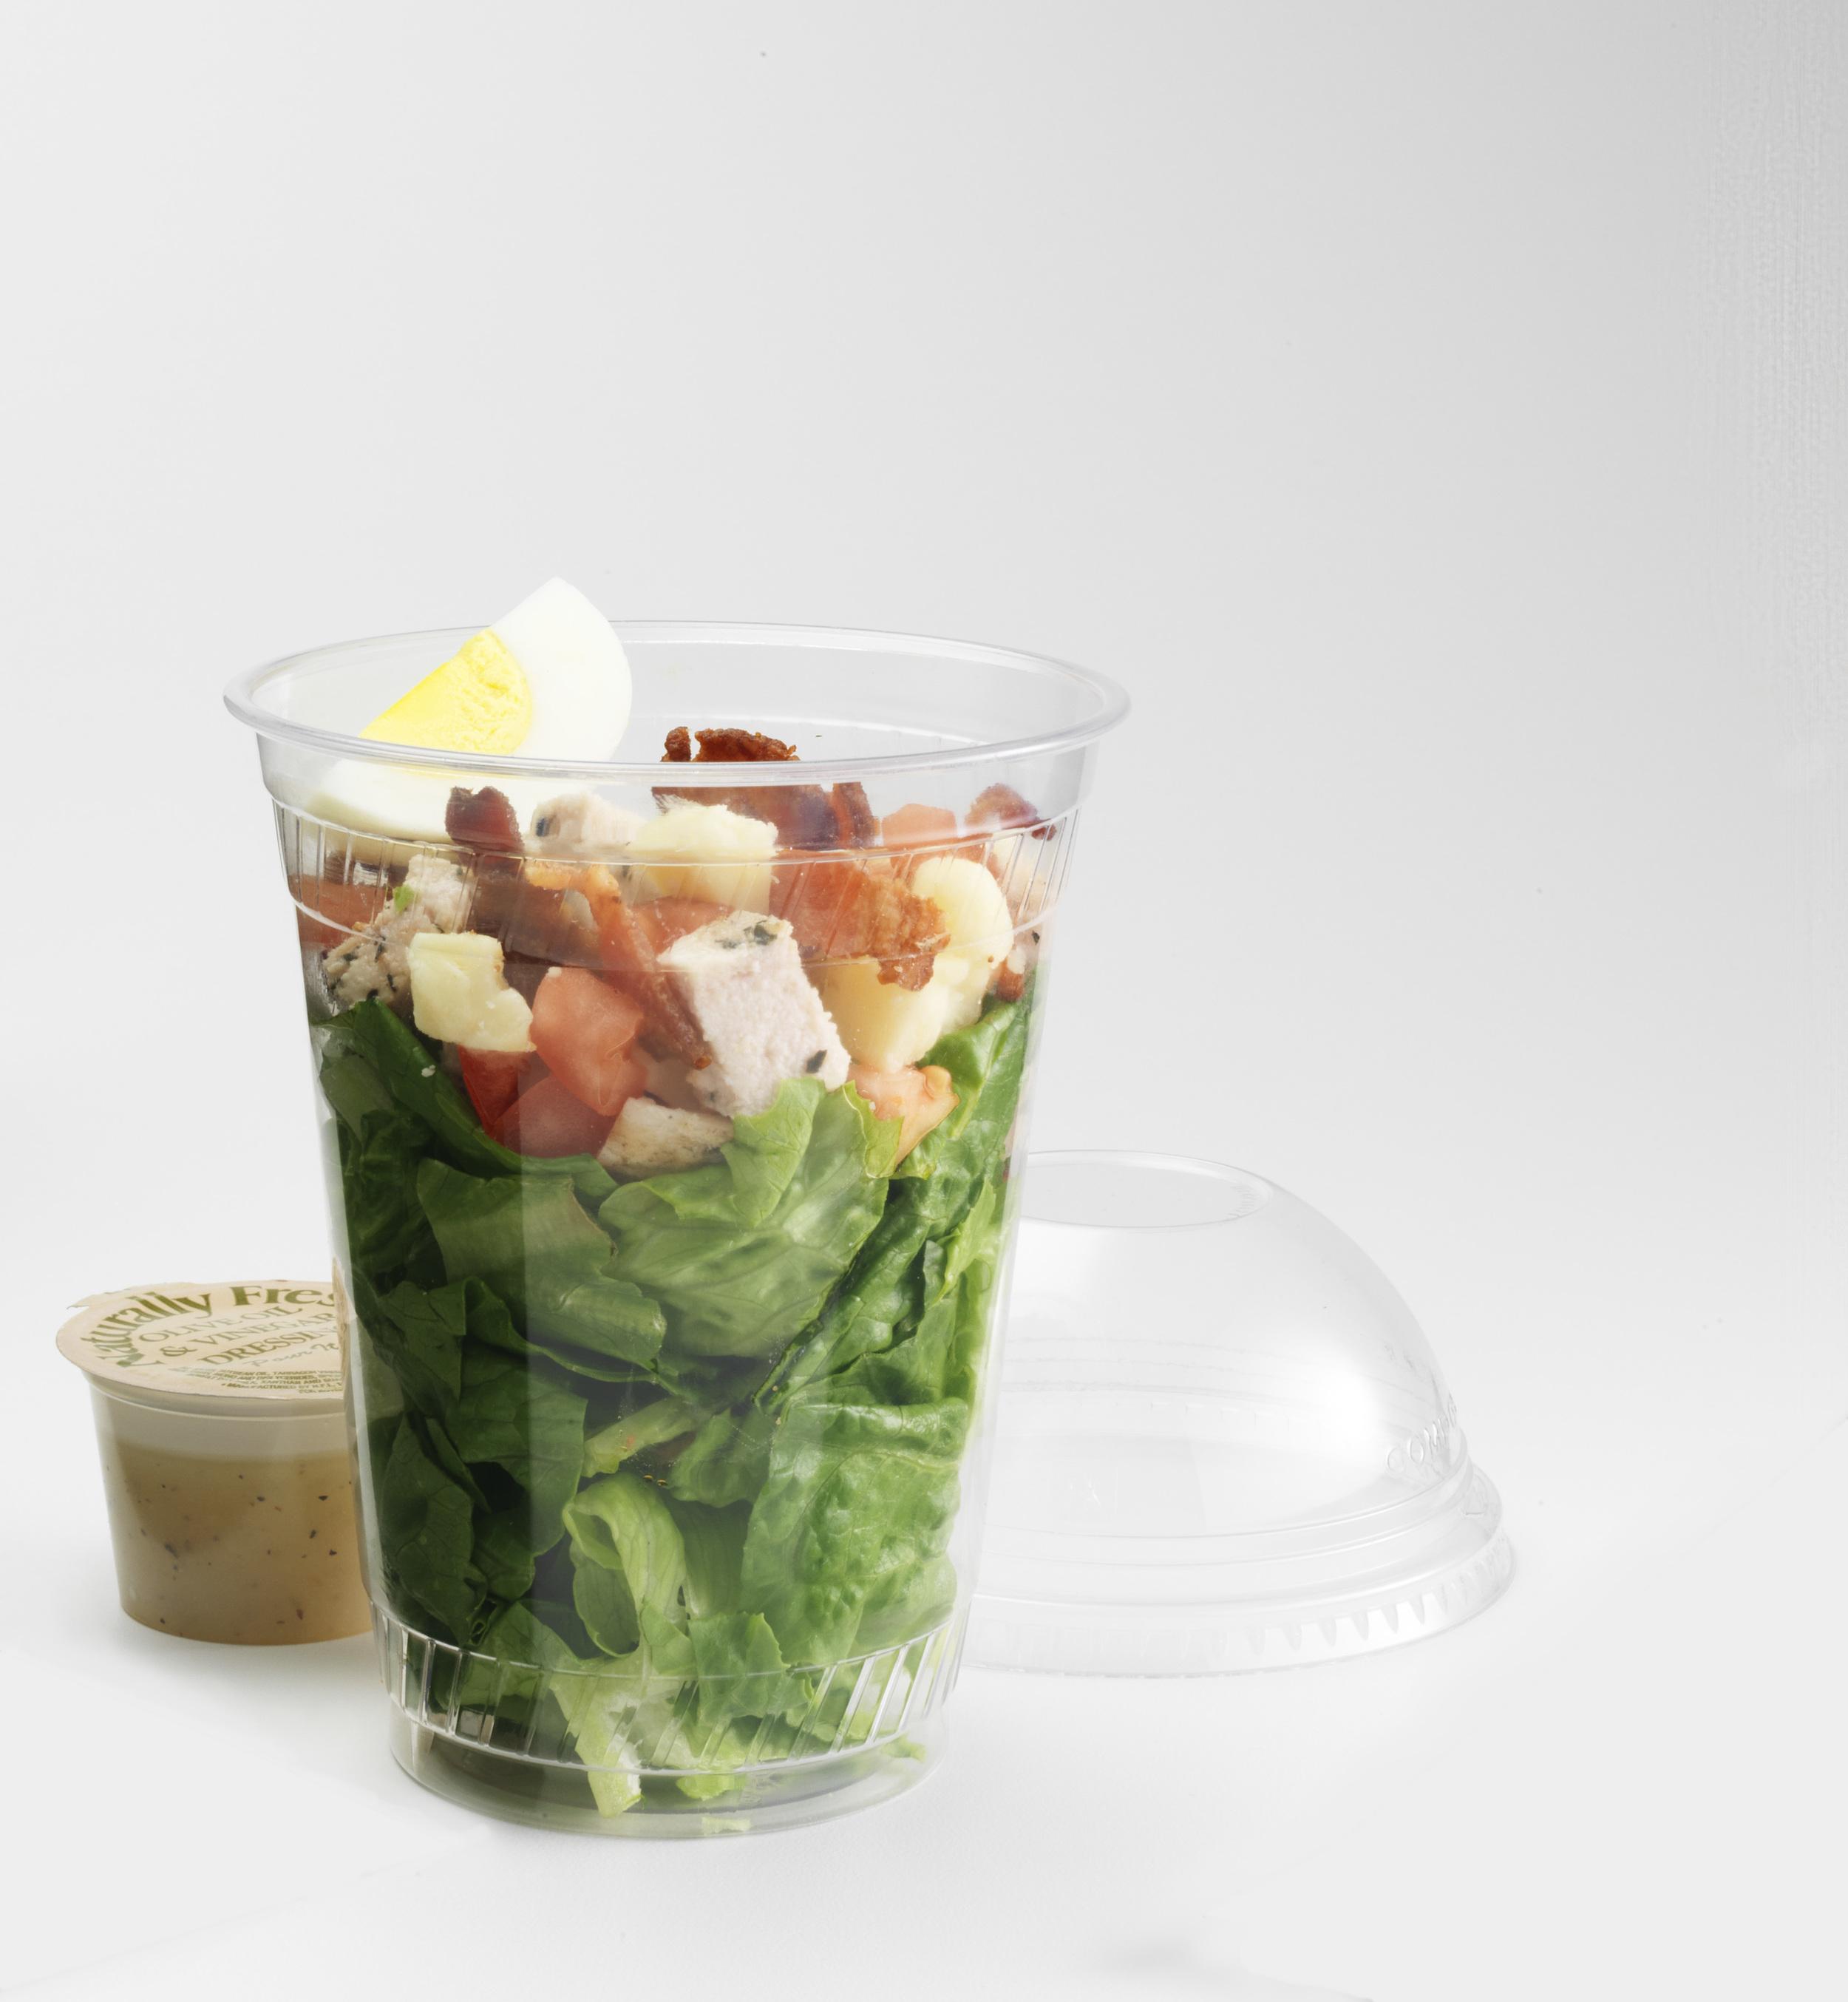 Chicken Cobb salad crop.jpg